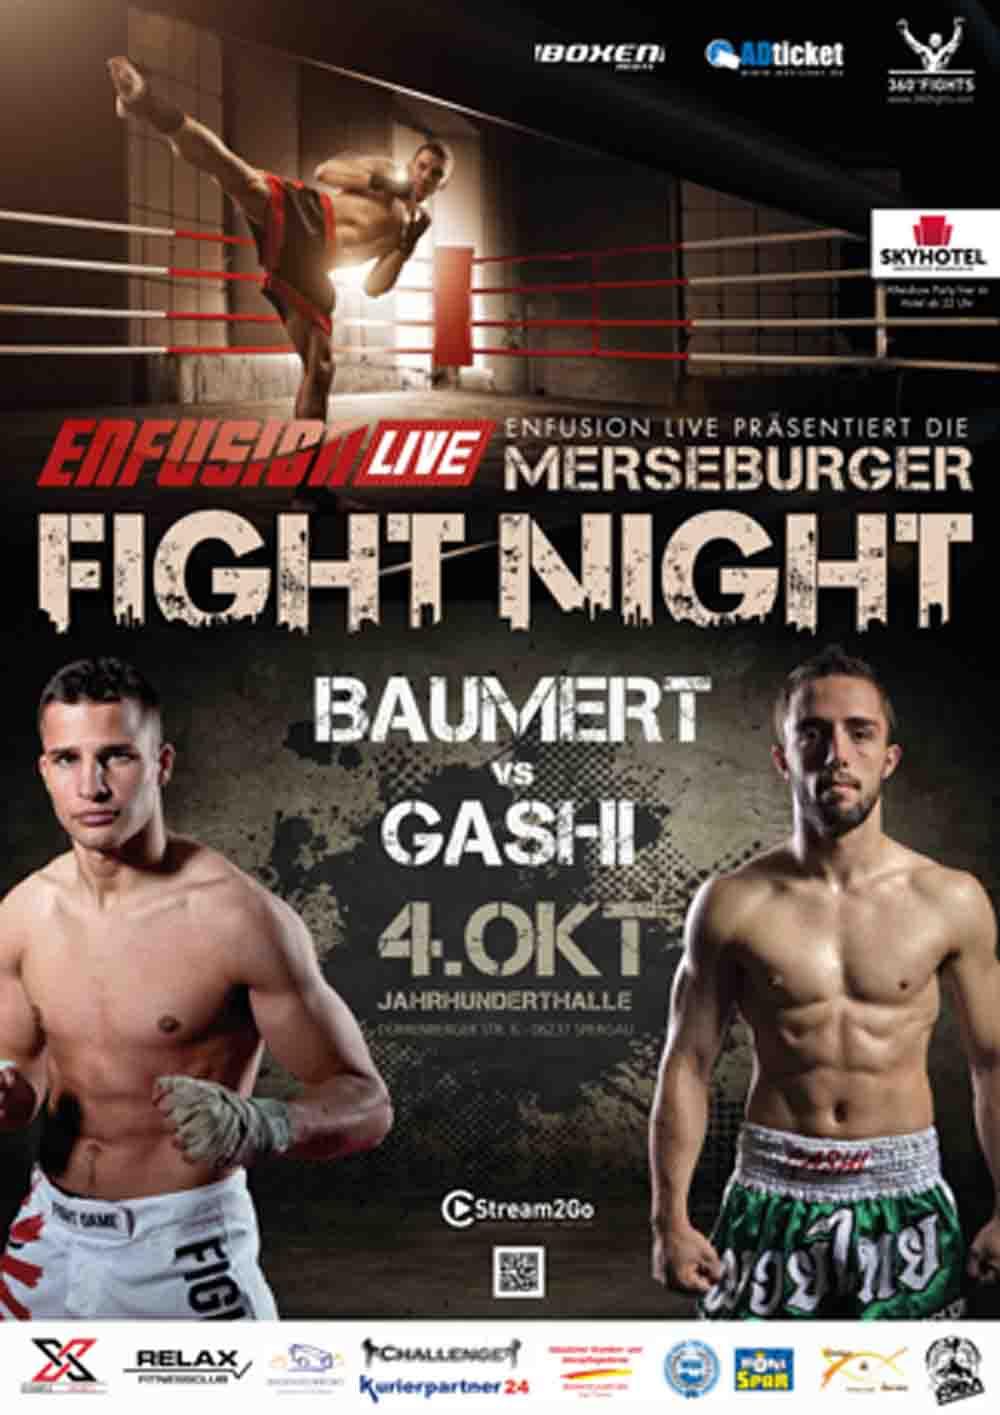 7.MERSEBURGER FIGHT NIGHT